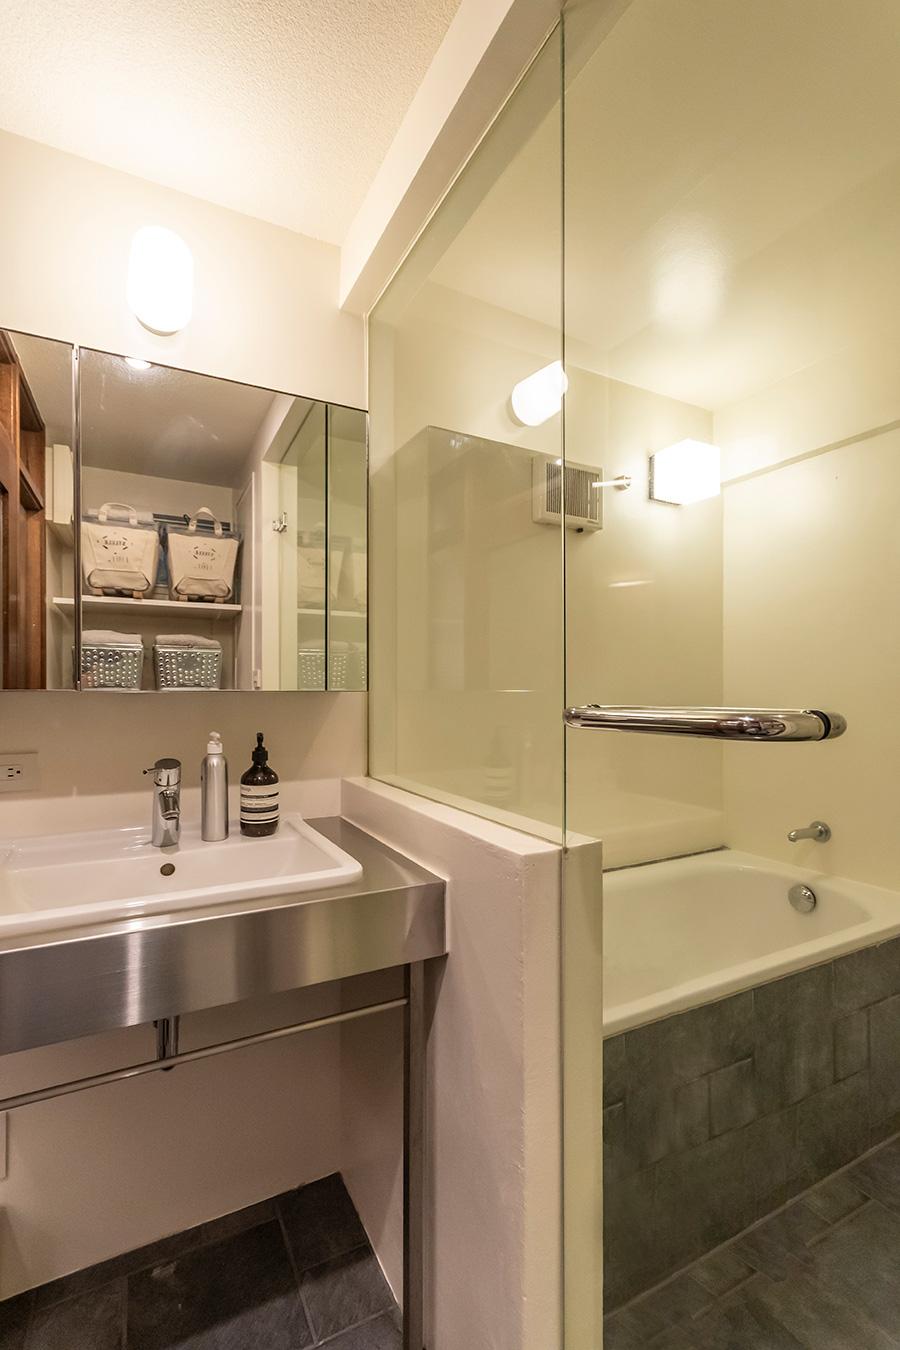 洗面所と浴室はクリアガラスで仕切り圧迫感を軽減。